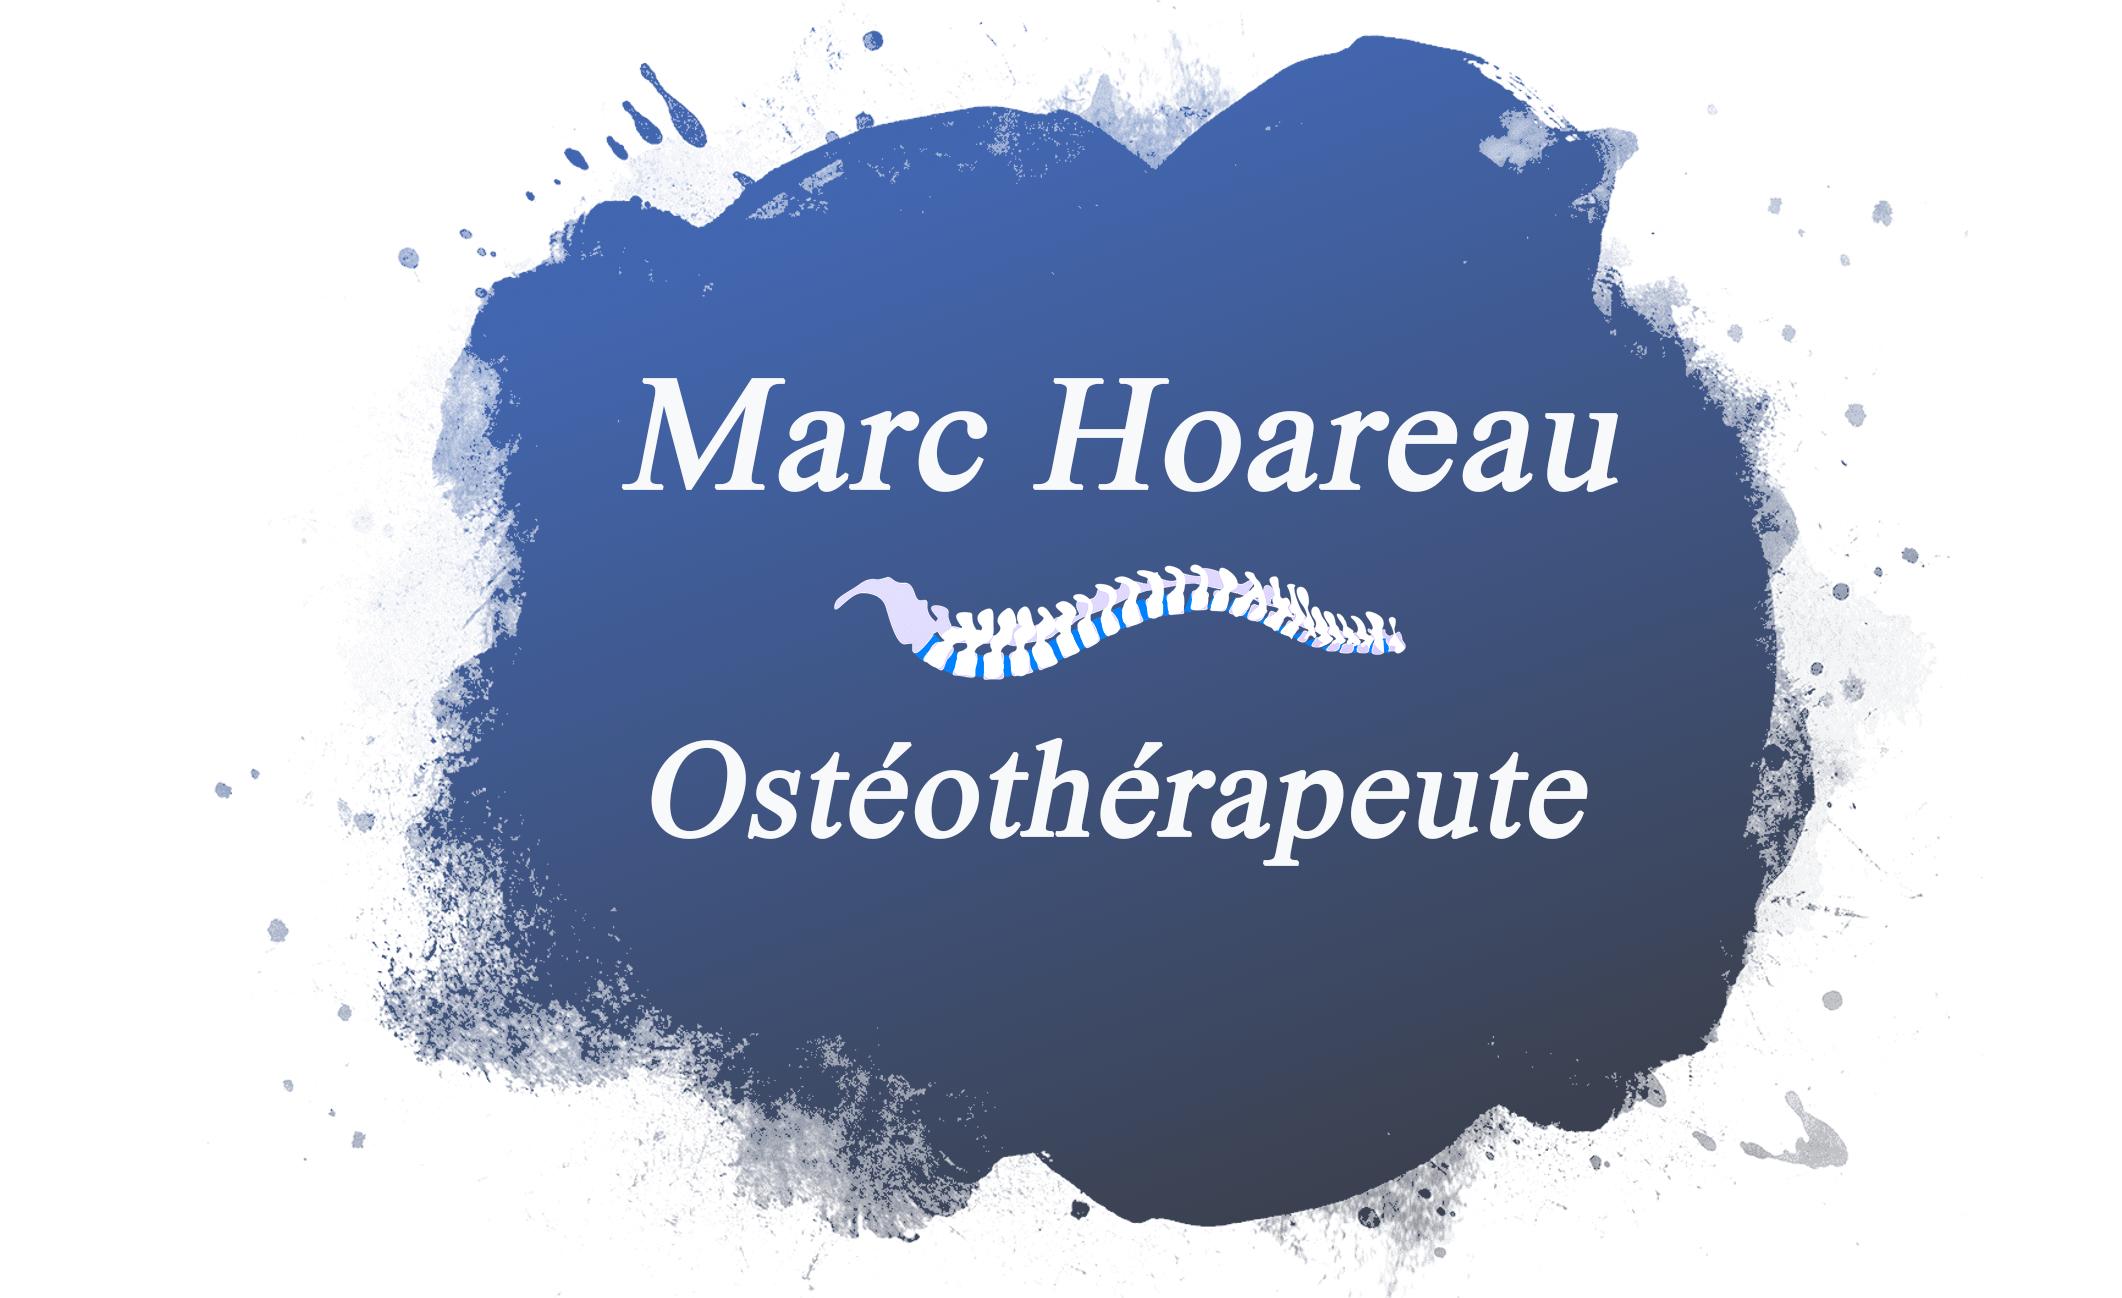 Marc Hoareau